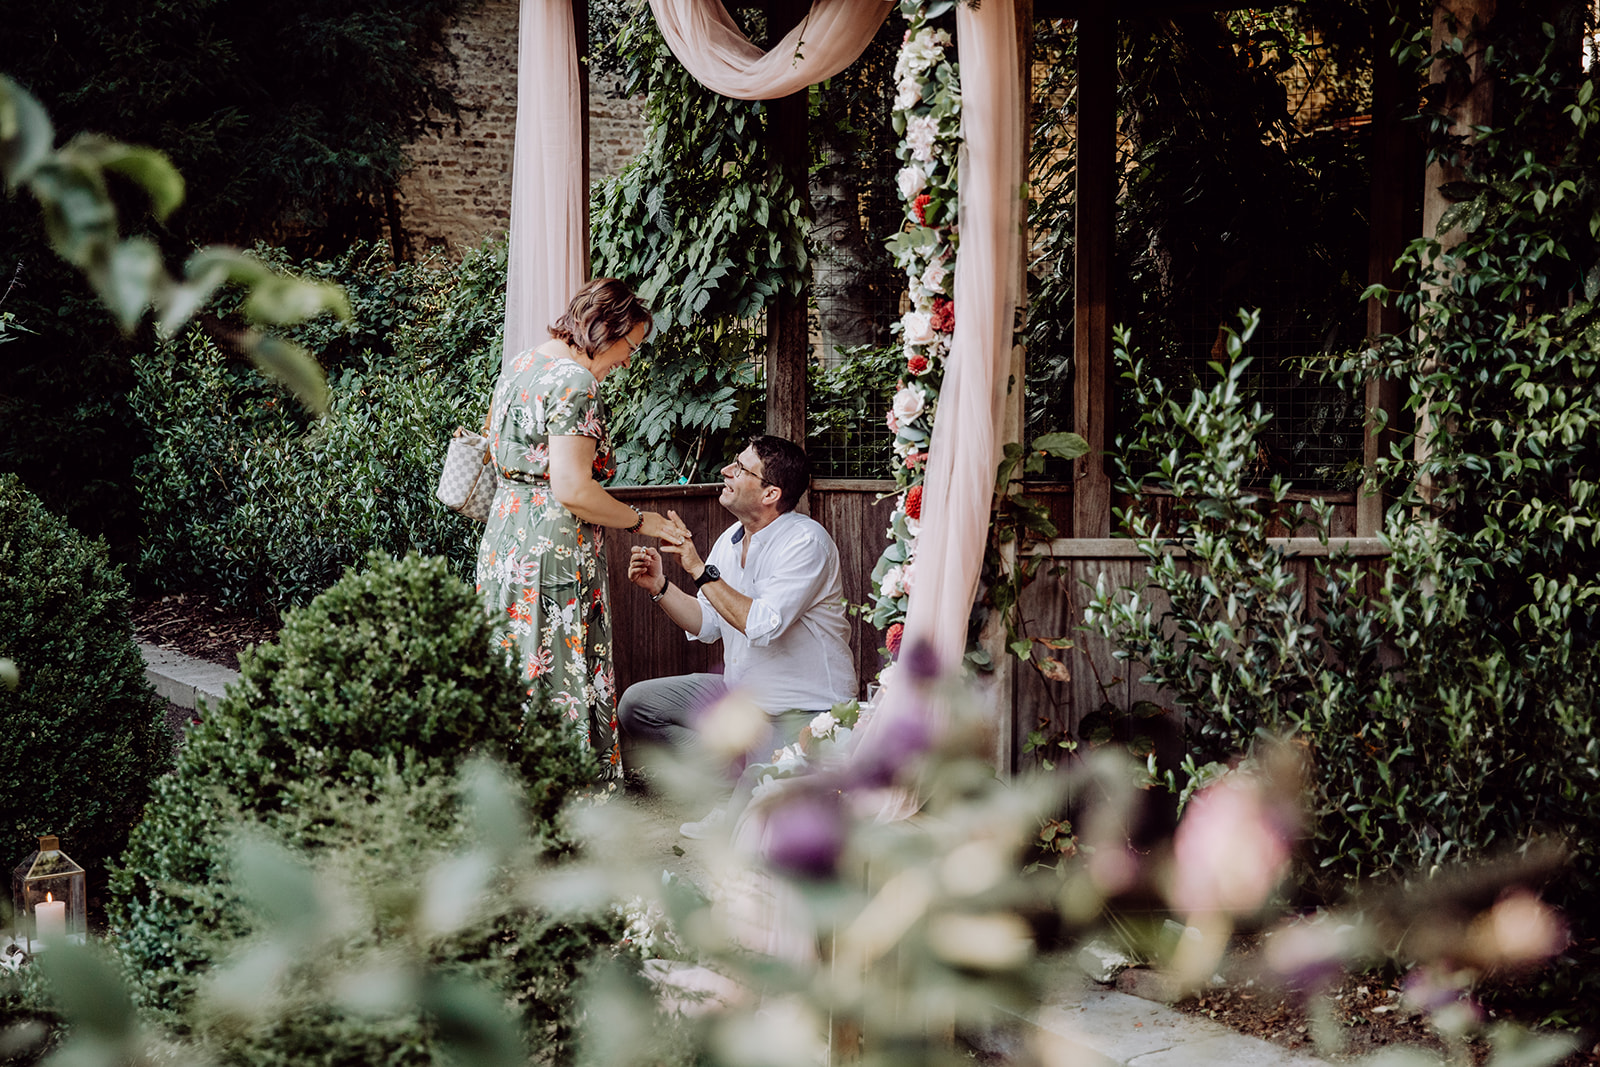 Huwelijksaanzoek georganiseerd in Brugge